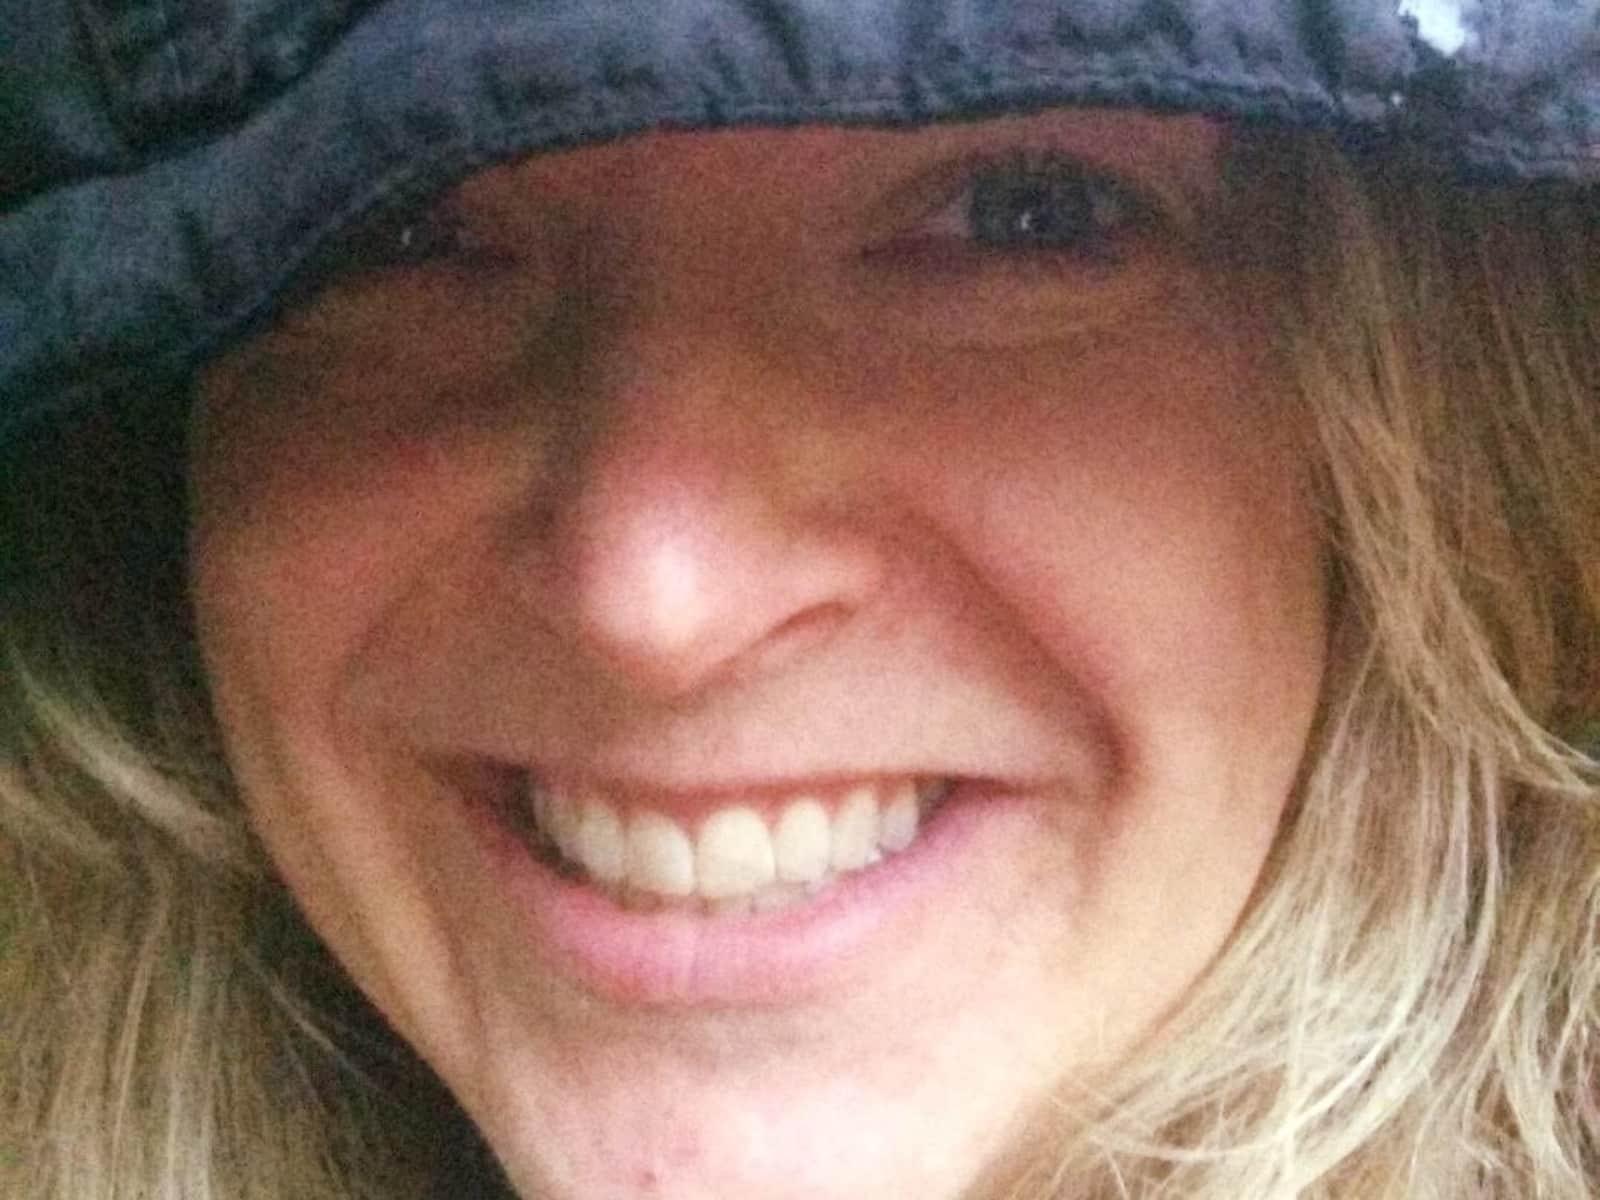 Kristine from Seattle, Washington, United States